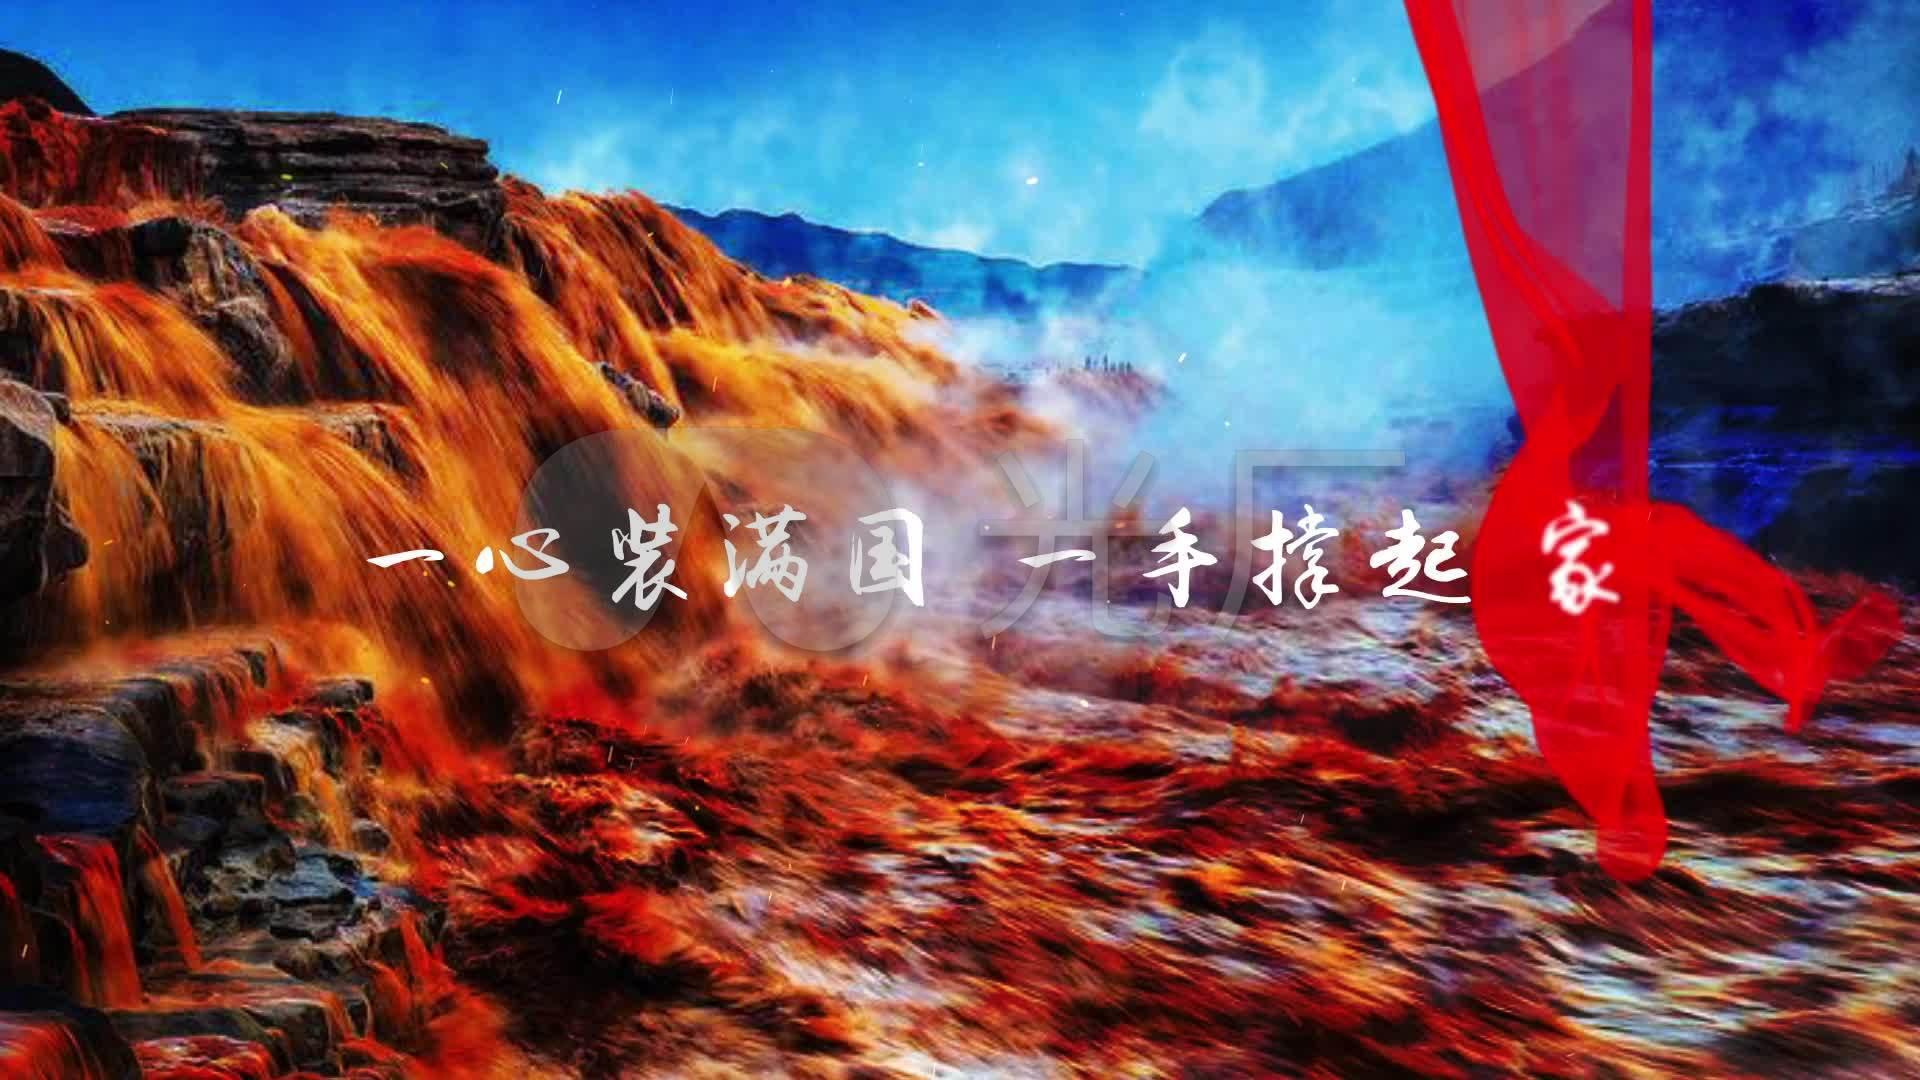 国家手语视频背景(成龙原唱)_1920X1080_高清